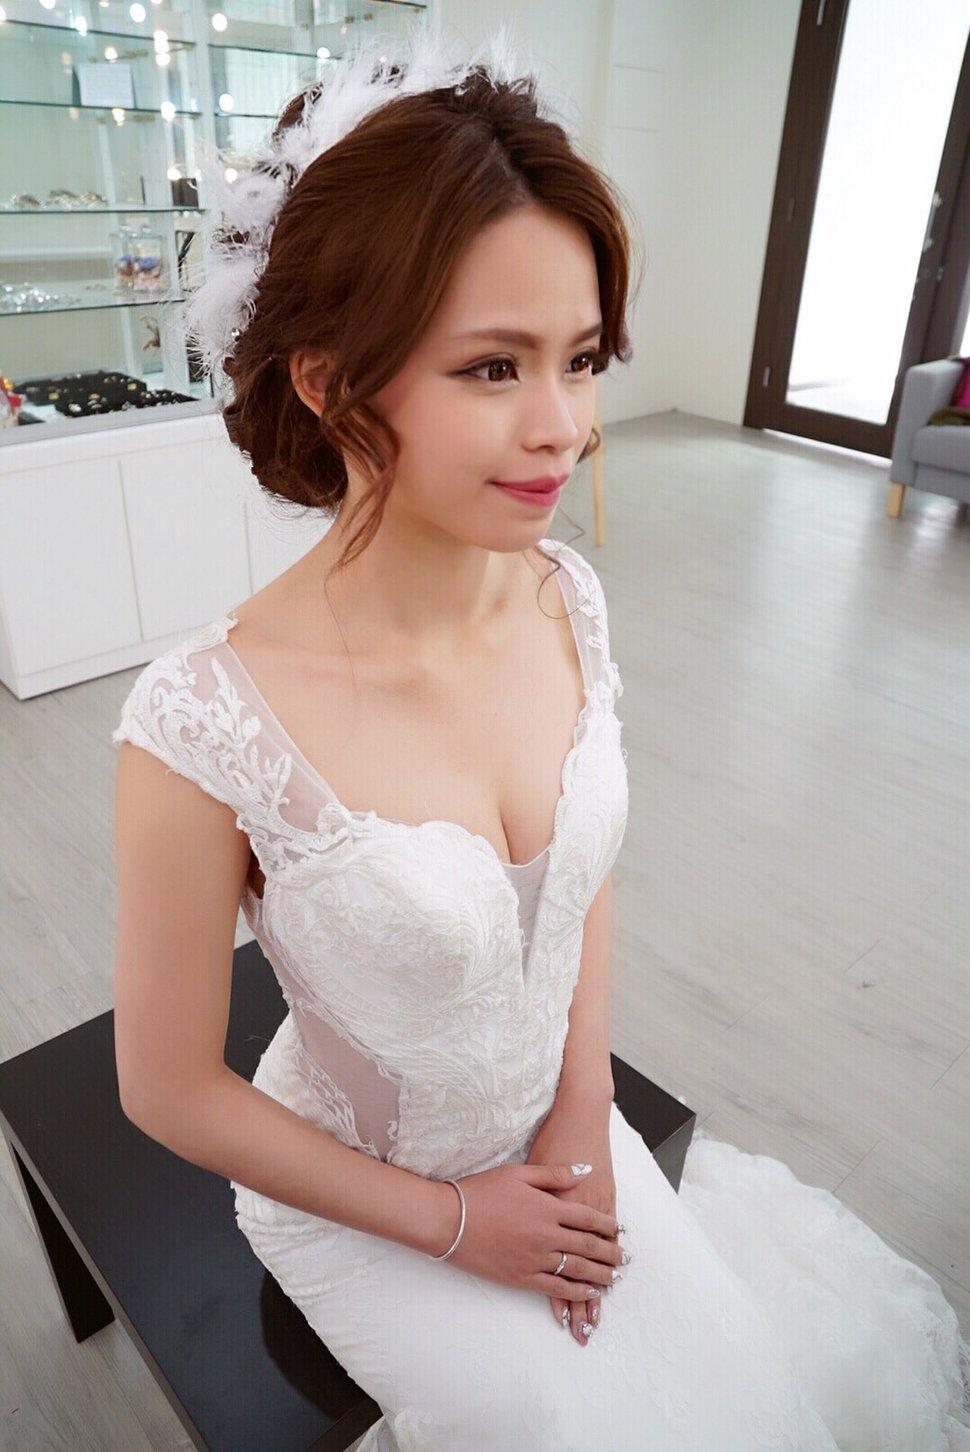 92A95B07-A825-4BDF-ADE4-9F200C4C52F6 - 新竹新秘LuLu如真新幸福約定新秘工作室 - 結婚吧